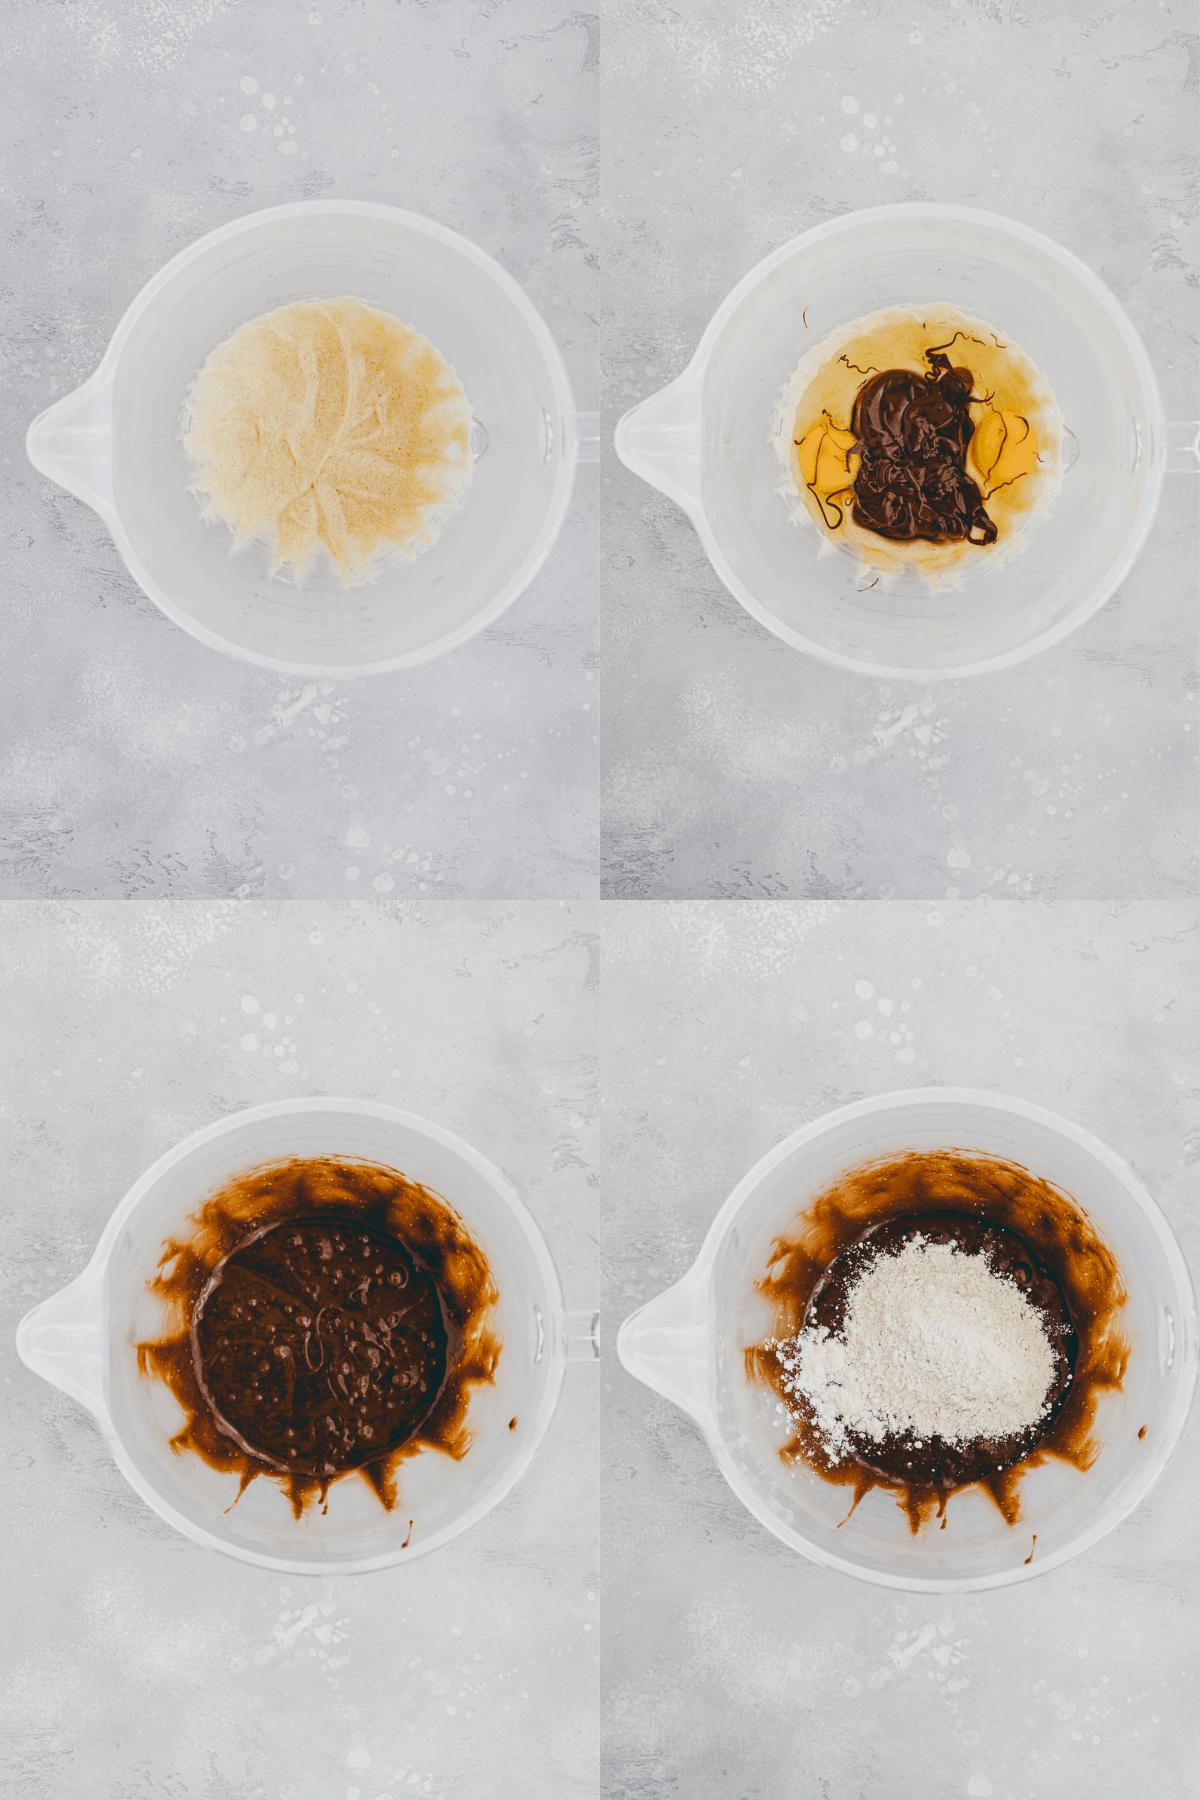 Nutella Brownie Recipe Step 1-4